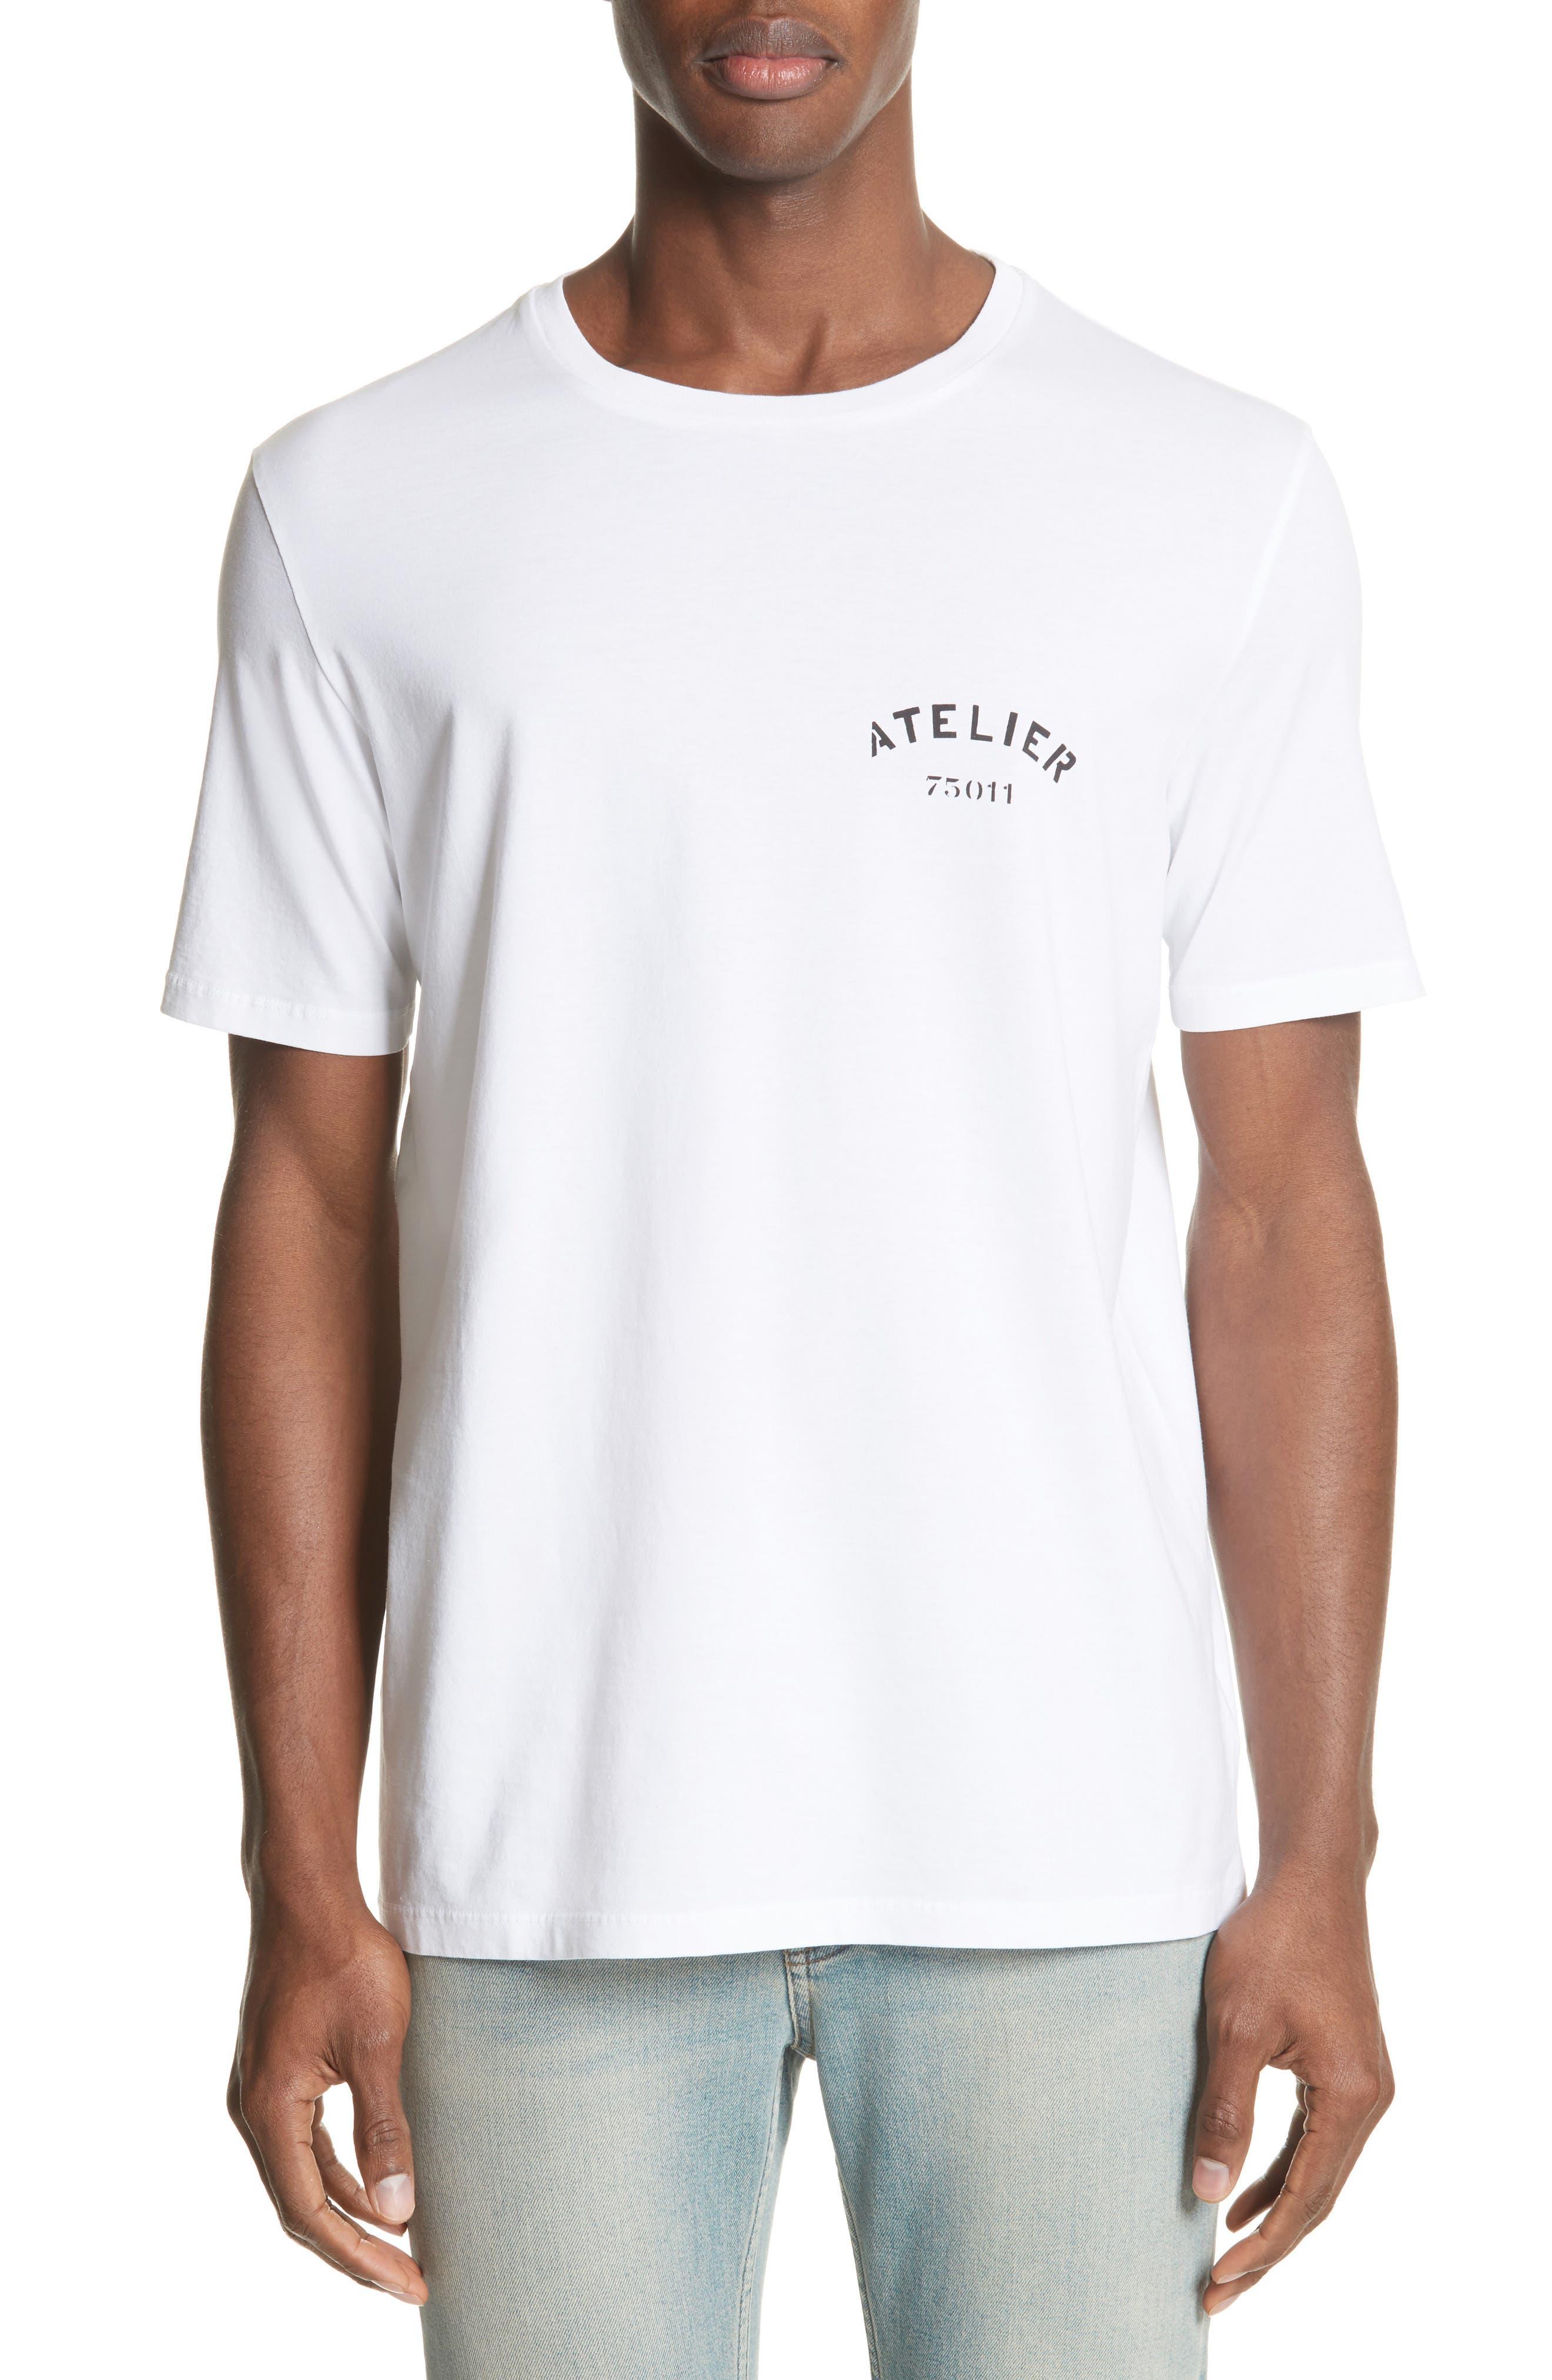 Atelier Graphic T-Shirt,                         Main,                         color, 100